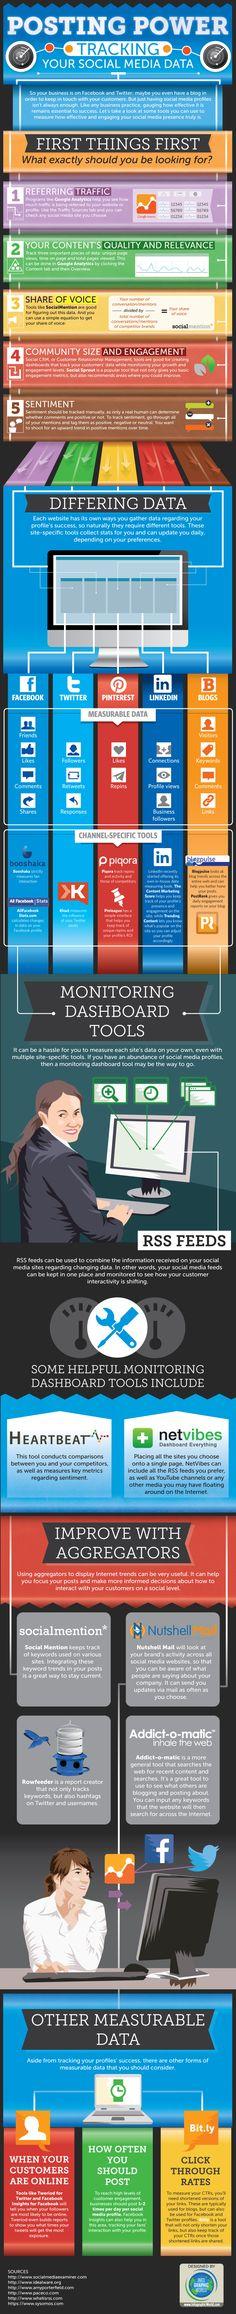 Social media data tools #infografica #smm #socialmedia